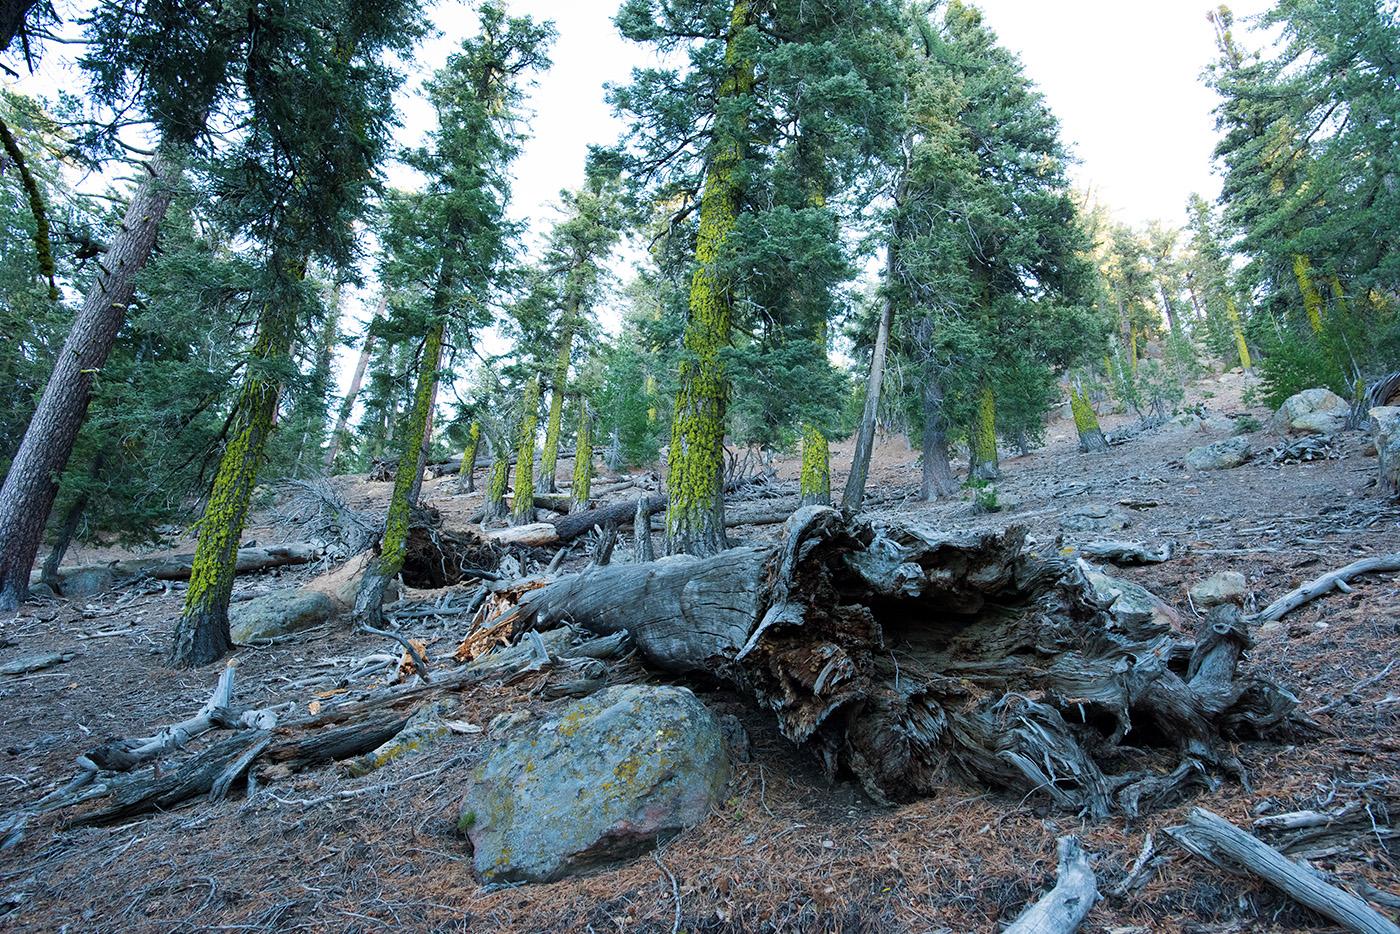 Deborah_Farnault_Sespe_Wilderness_CA_2016_DSC_6000.jpg